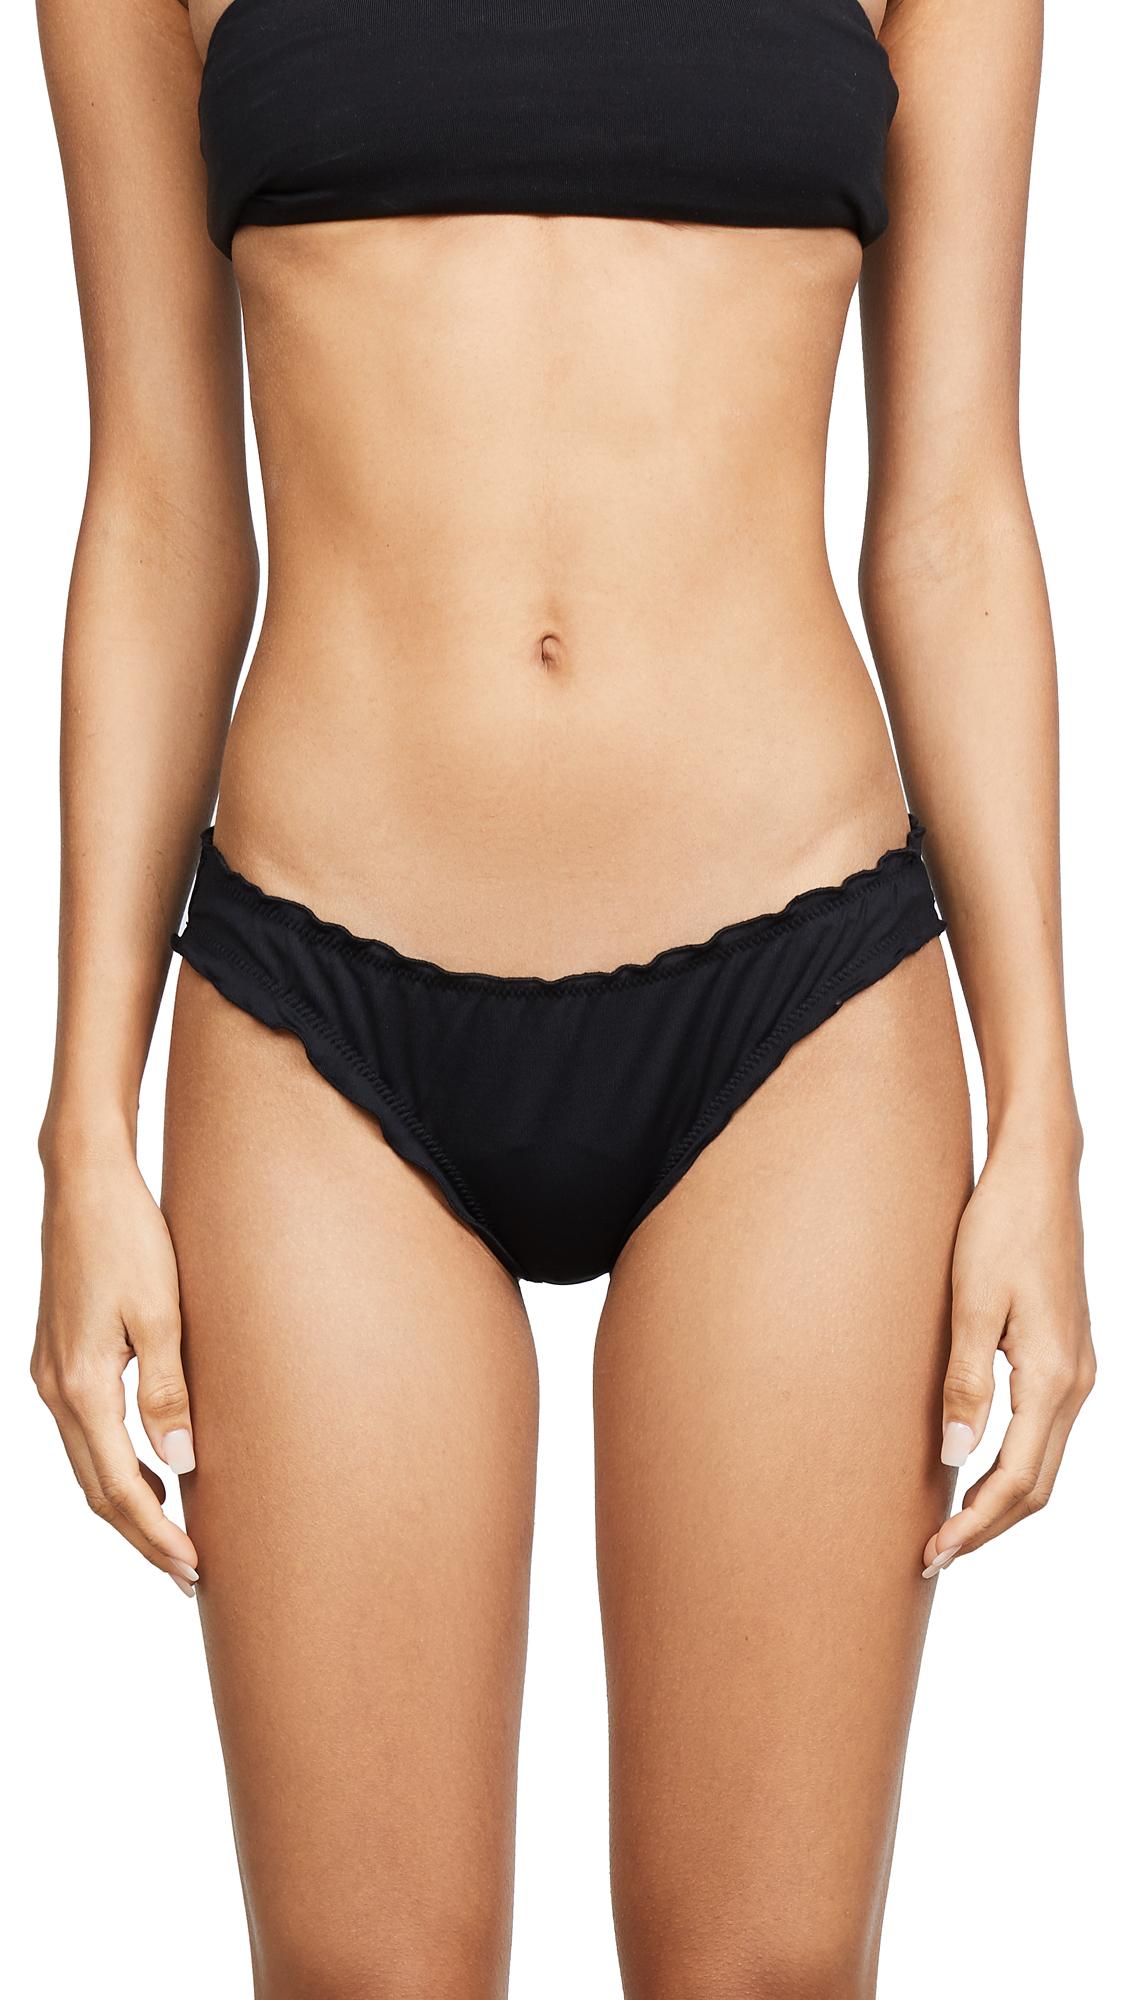 boys-and-sandbridge-realty-bikini-bottom-young-for